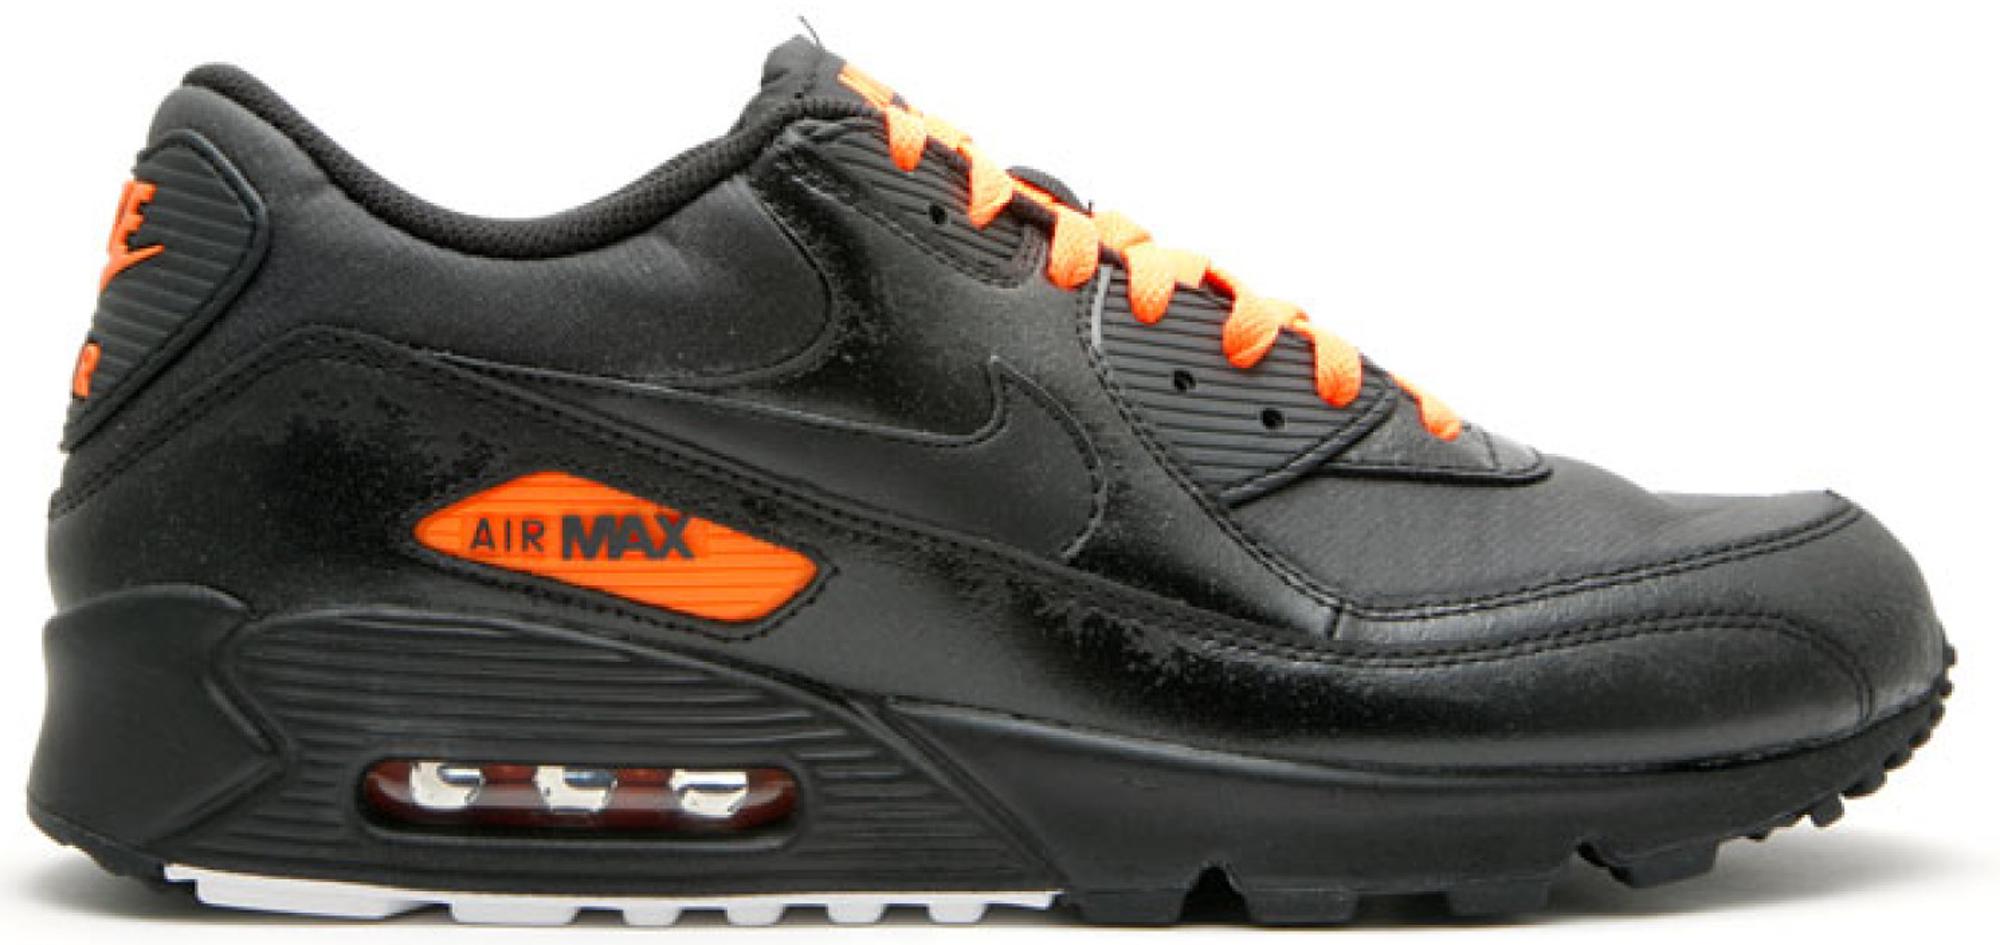 Nike Air Max 90 Black Total Orange